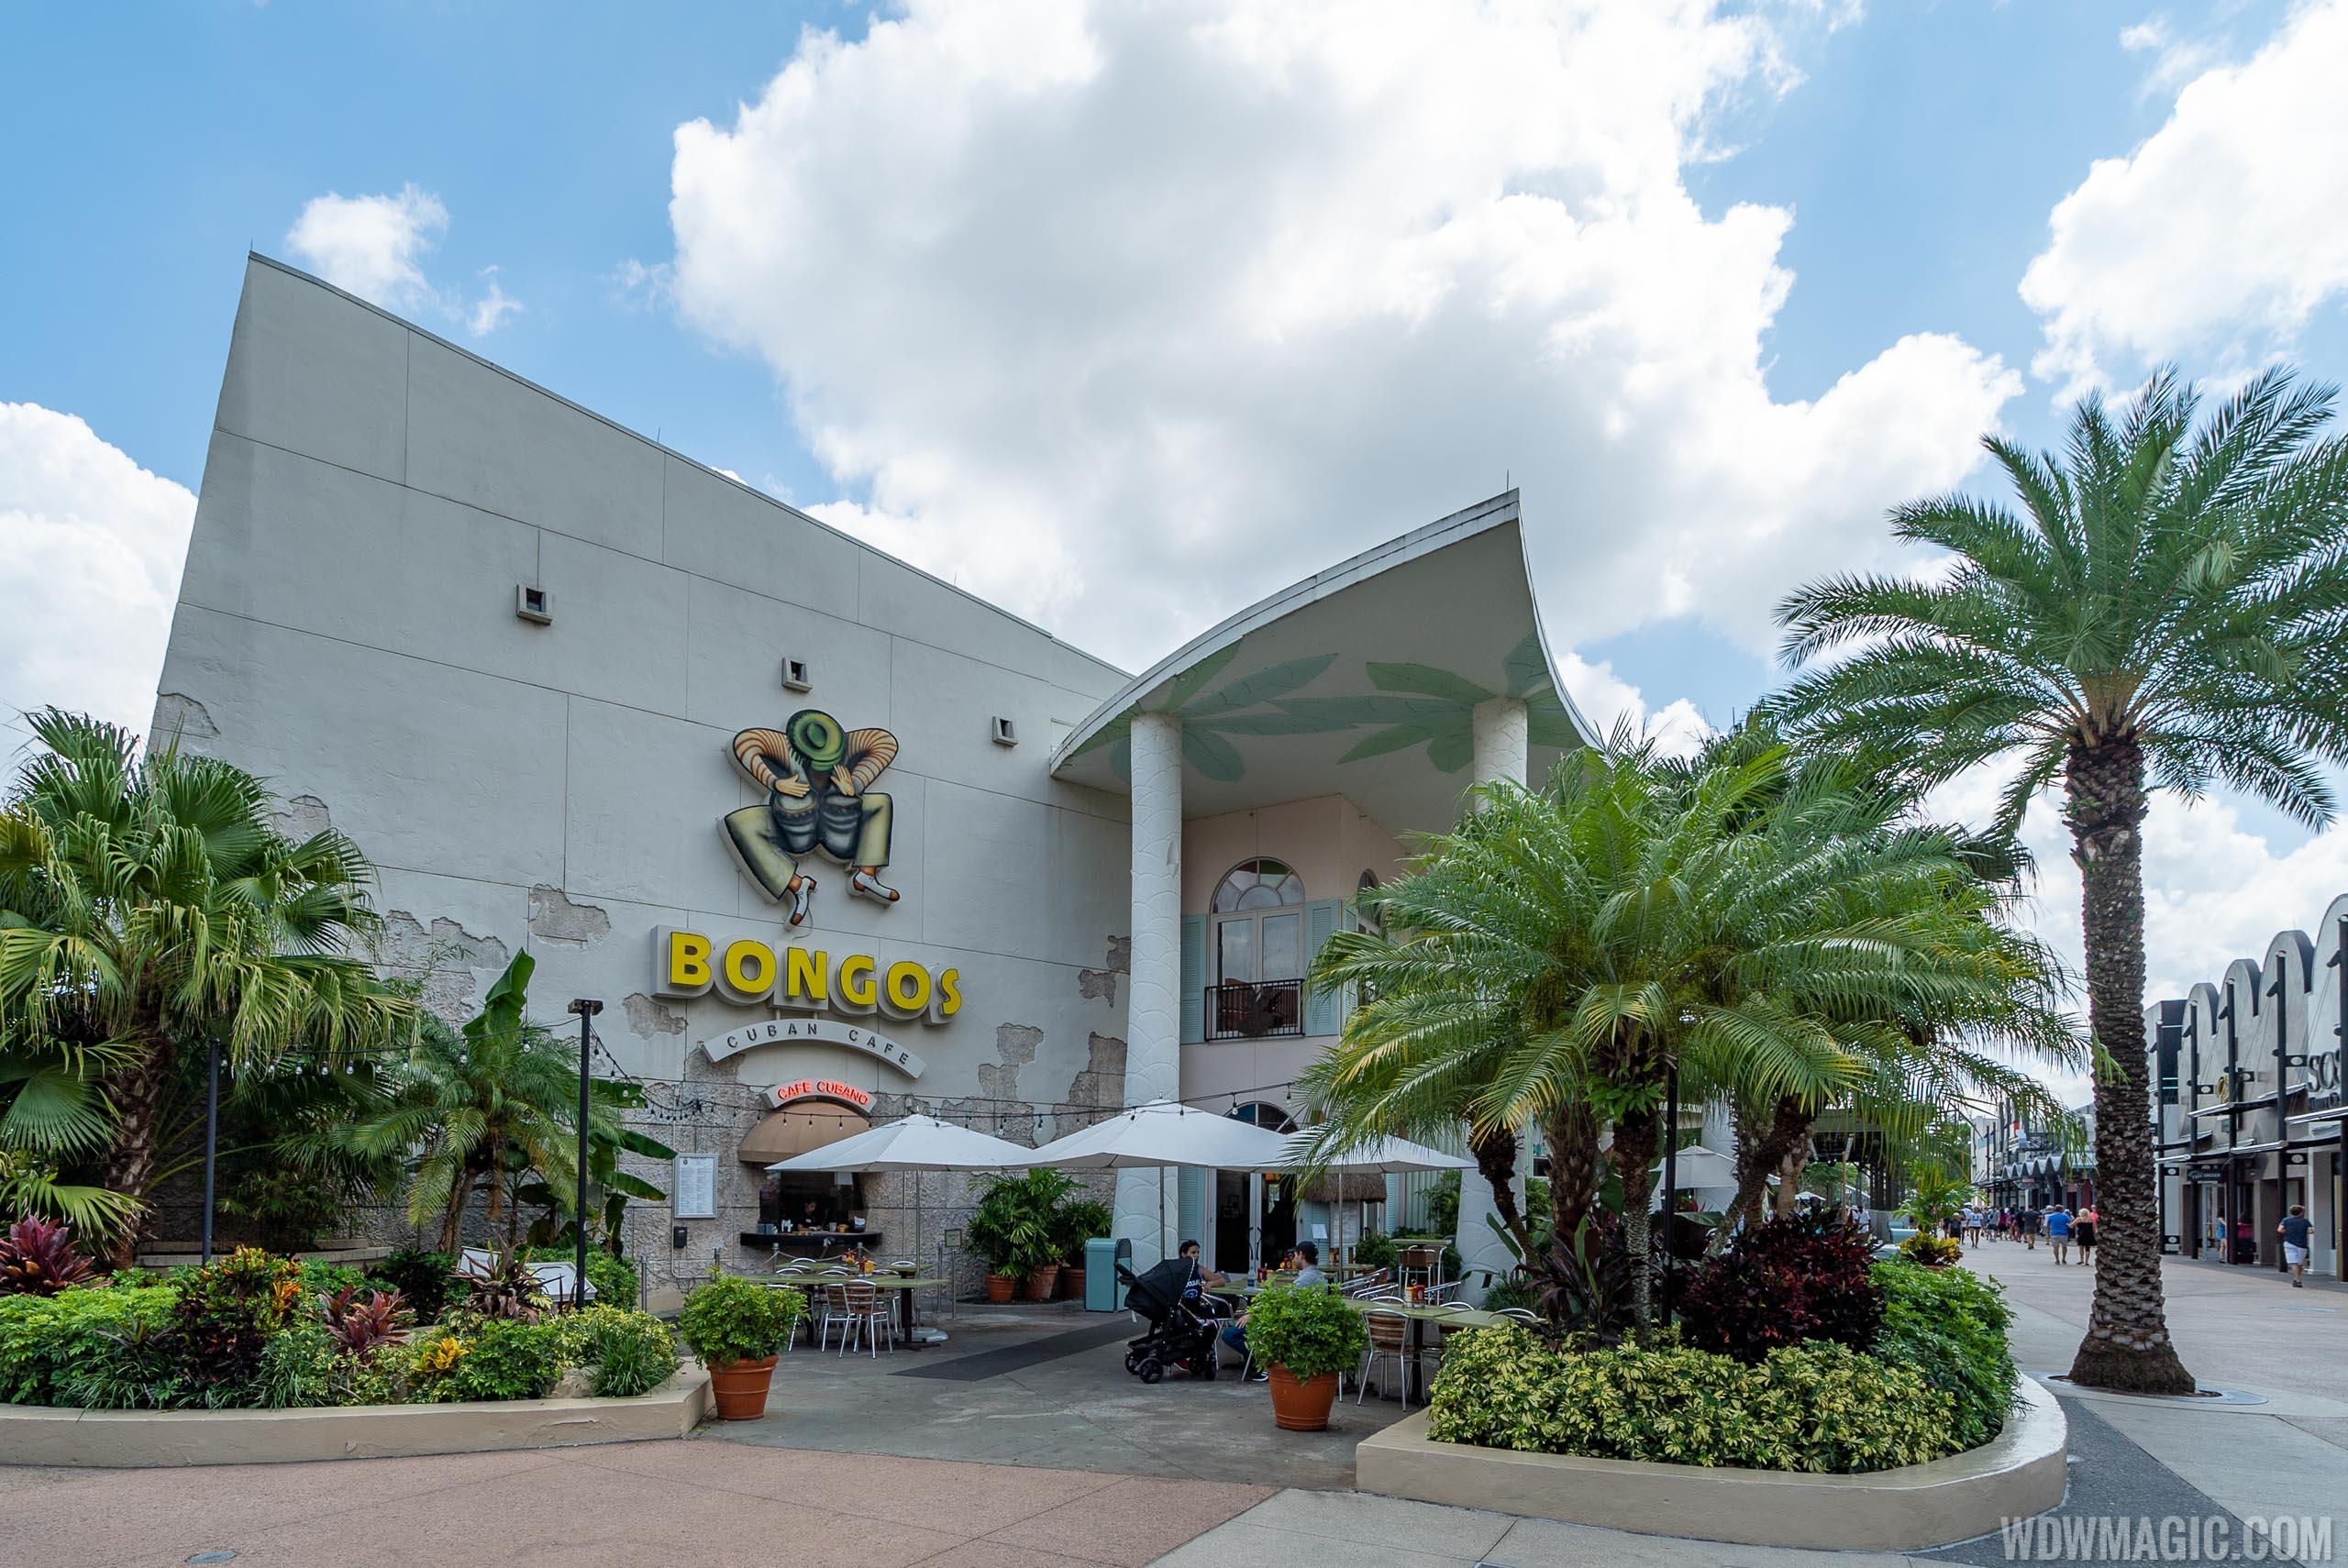 Bongo's Cuban Cafe